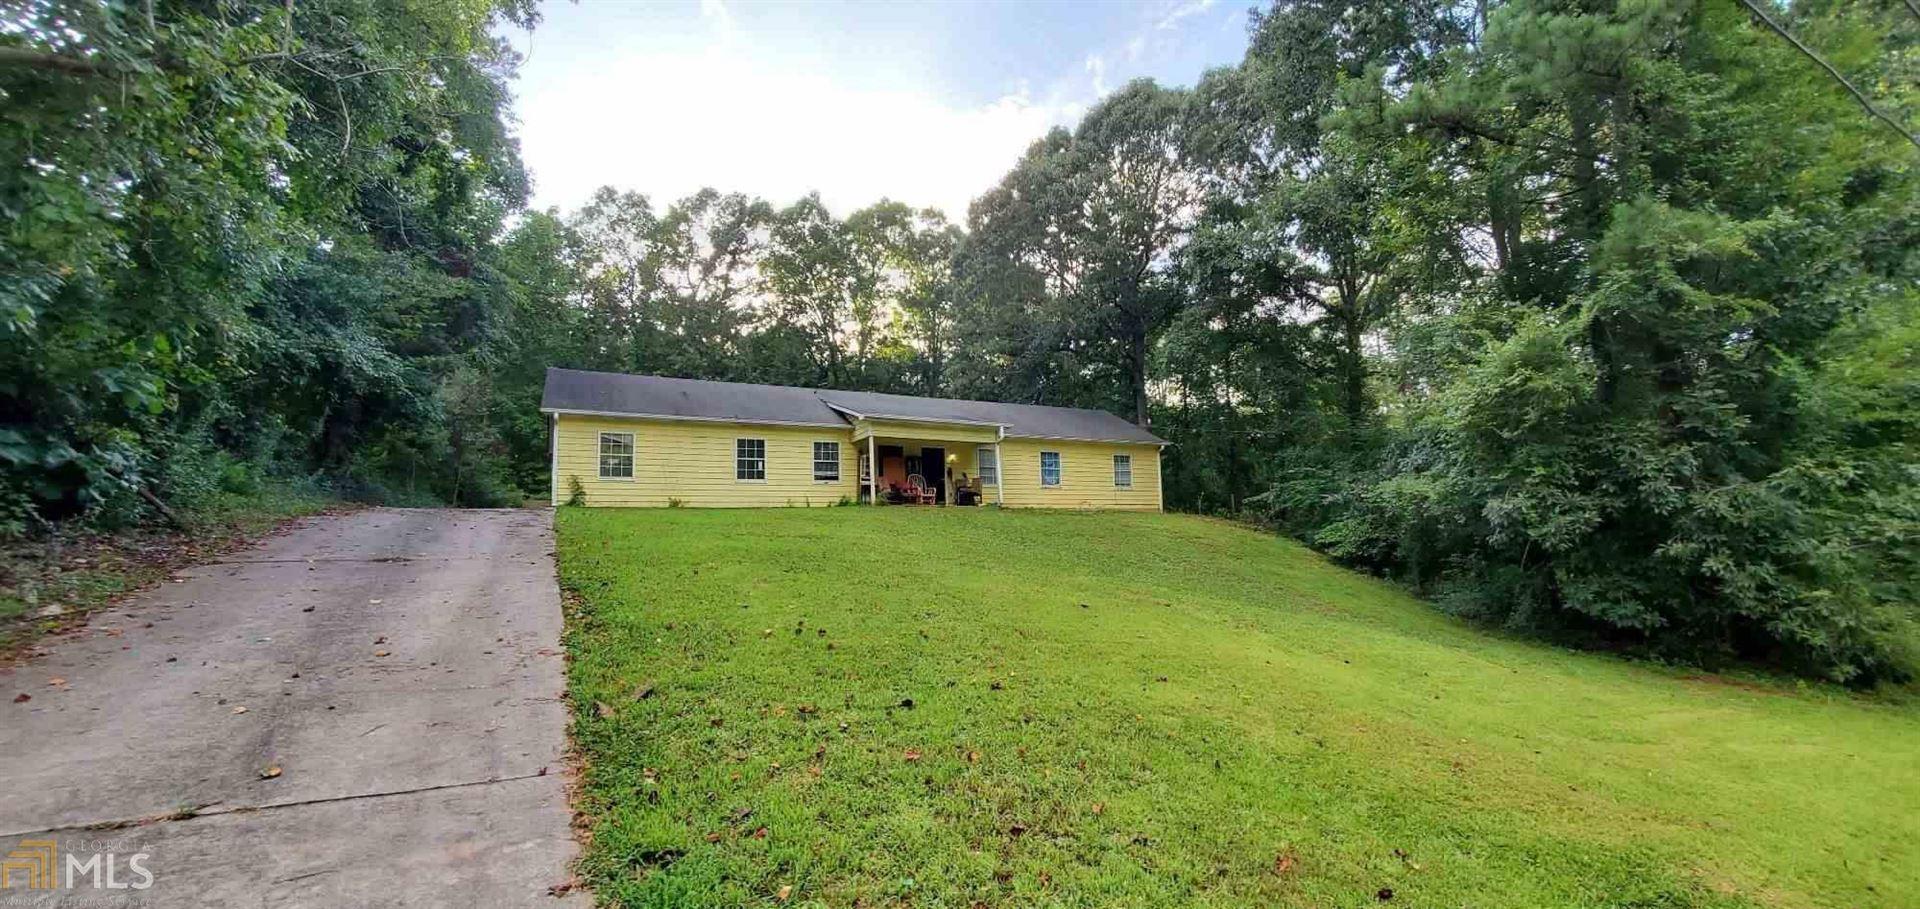 9295 Cedar Ridge Dr, Covington, GA 30014 - #: 8833287